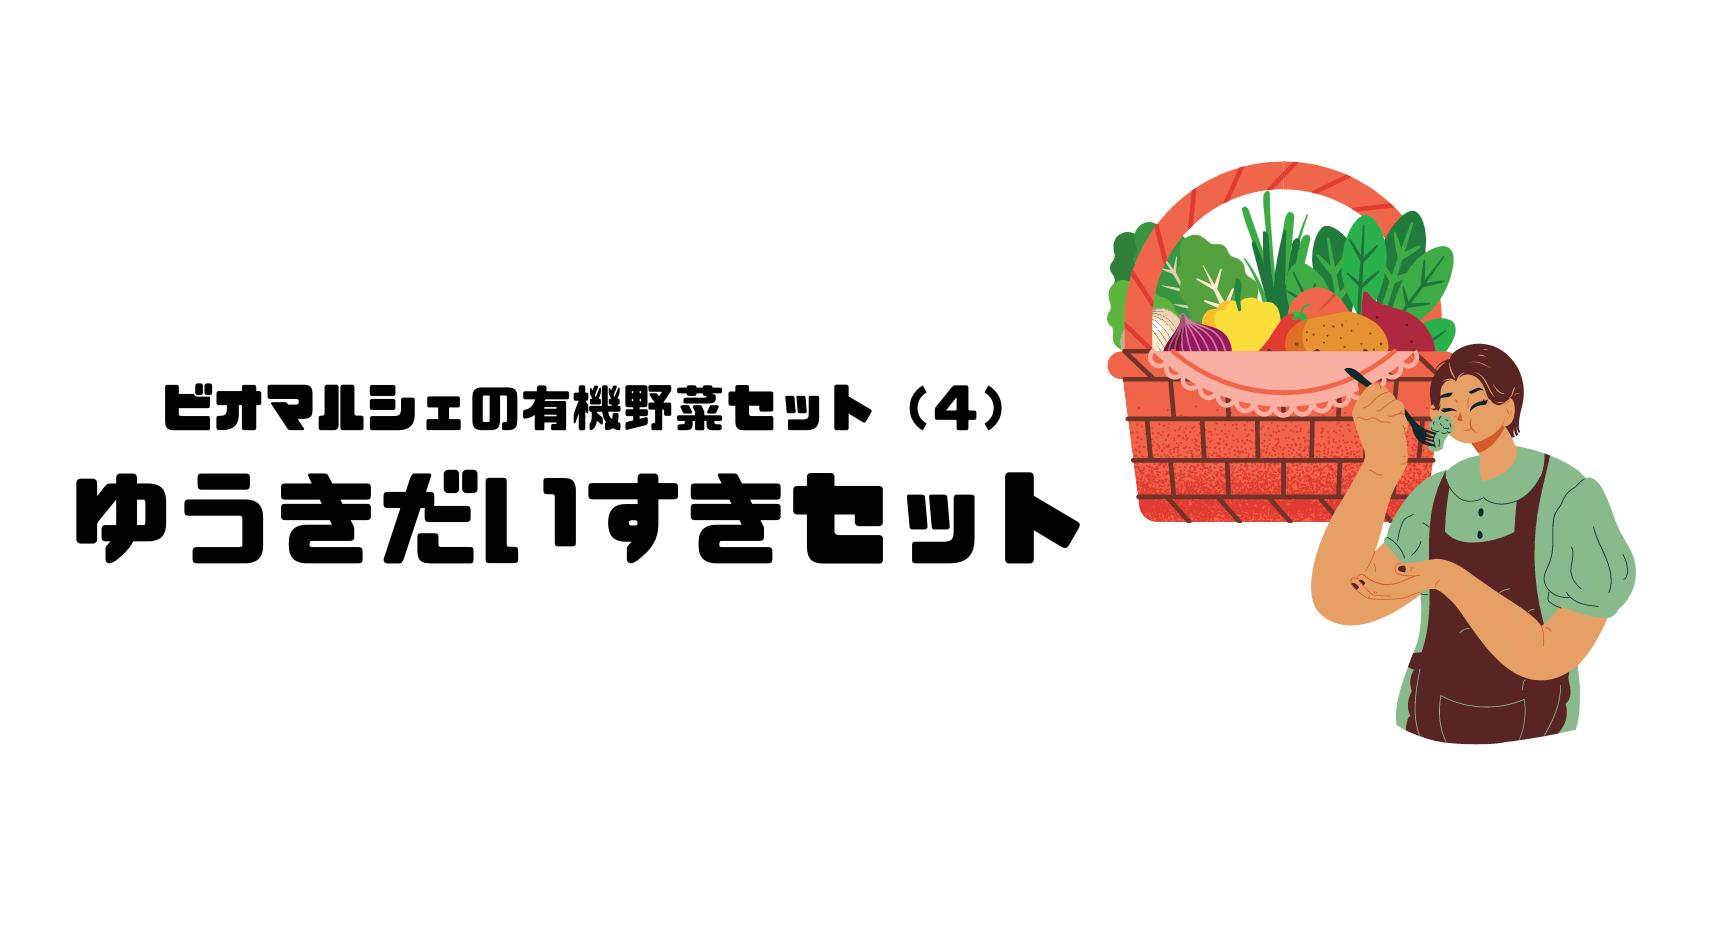 ビオマルシェ_評判_口コミ_選べる有機野菜セット_ゆうきだいすきセット